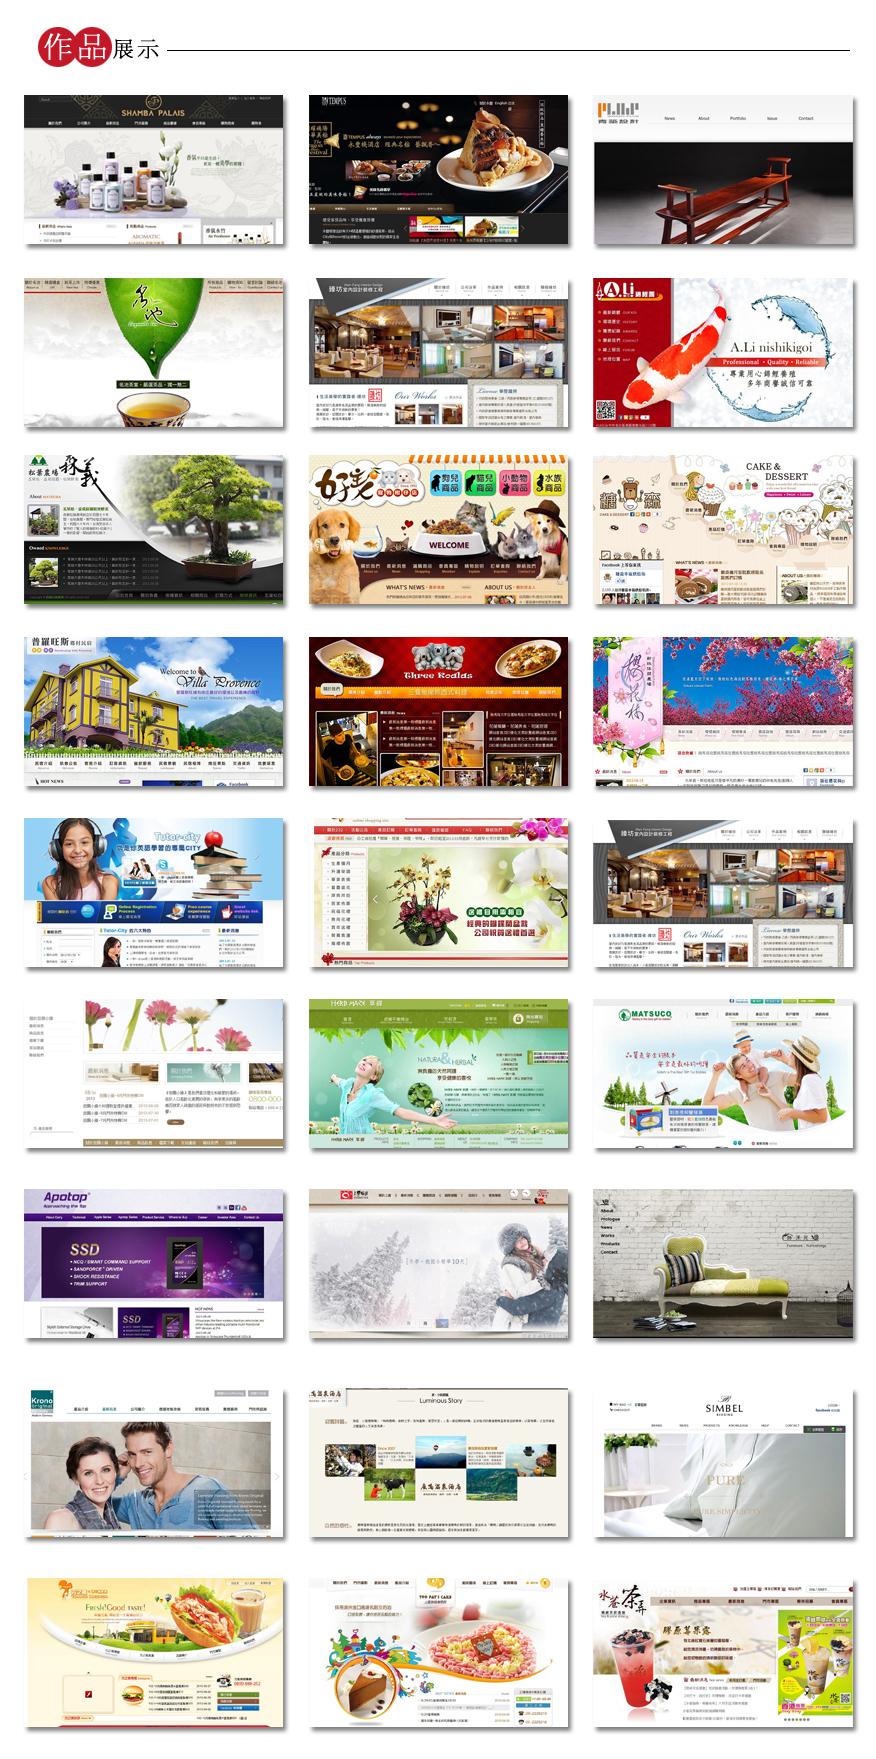 企业网站_企业网站商城网站仿制,仿站,质量保证,代码精减,运行流畅2